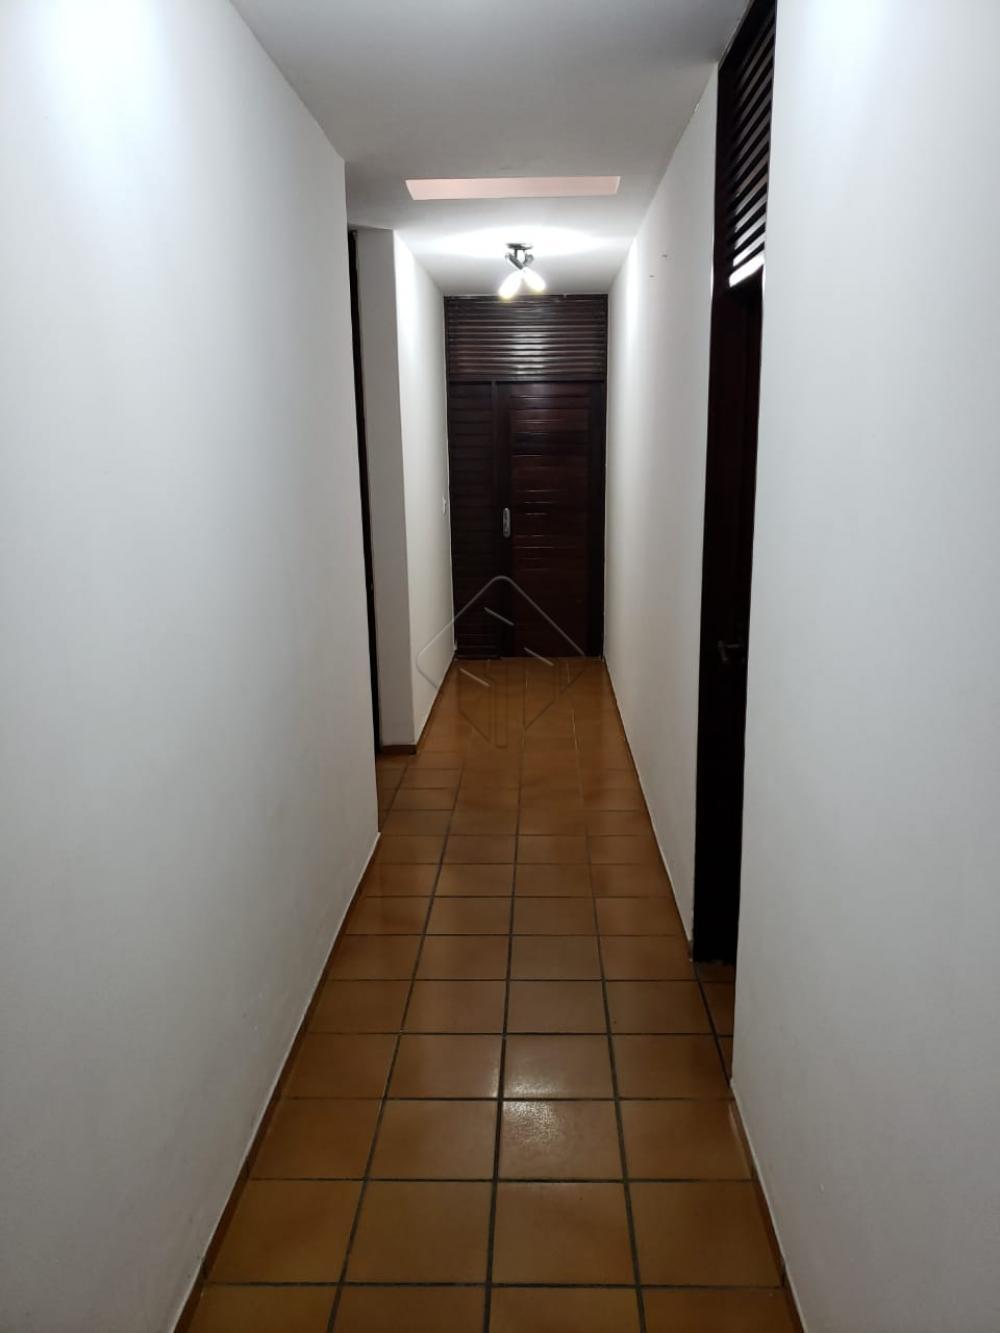 Descrição:  - 2 salas grandes; - 3 quartos sendo 1 suíte; - Varanda ampla; - Churrasqueira; - Sala de som; - Escritórios;  -  Dependencia completa;  - Garagem para 8 carros;  AGENDE AGORA SUA VISITA TEIXEIRA DE CARVALHO IMOBILIÁRIA CRECI 304J - (83) 2106-4545